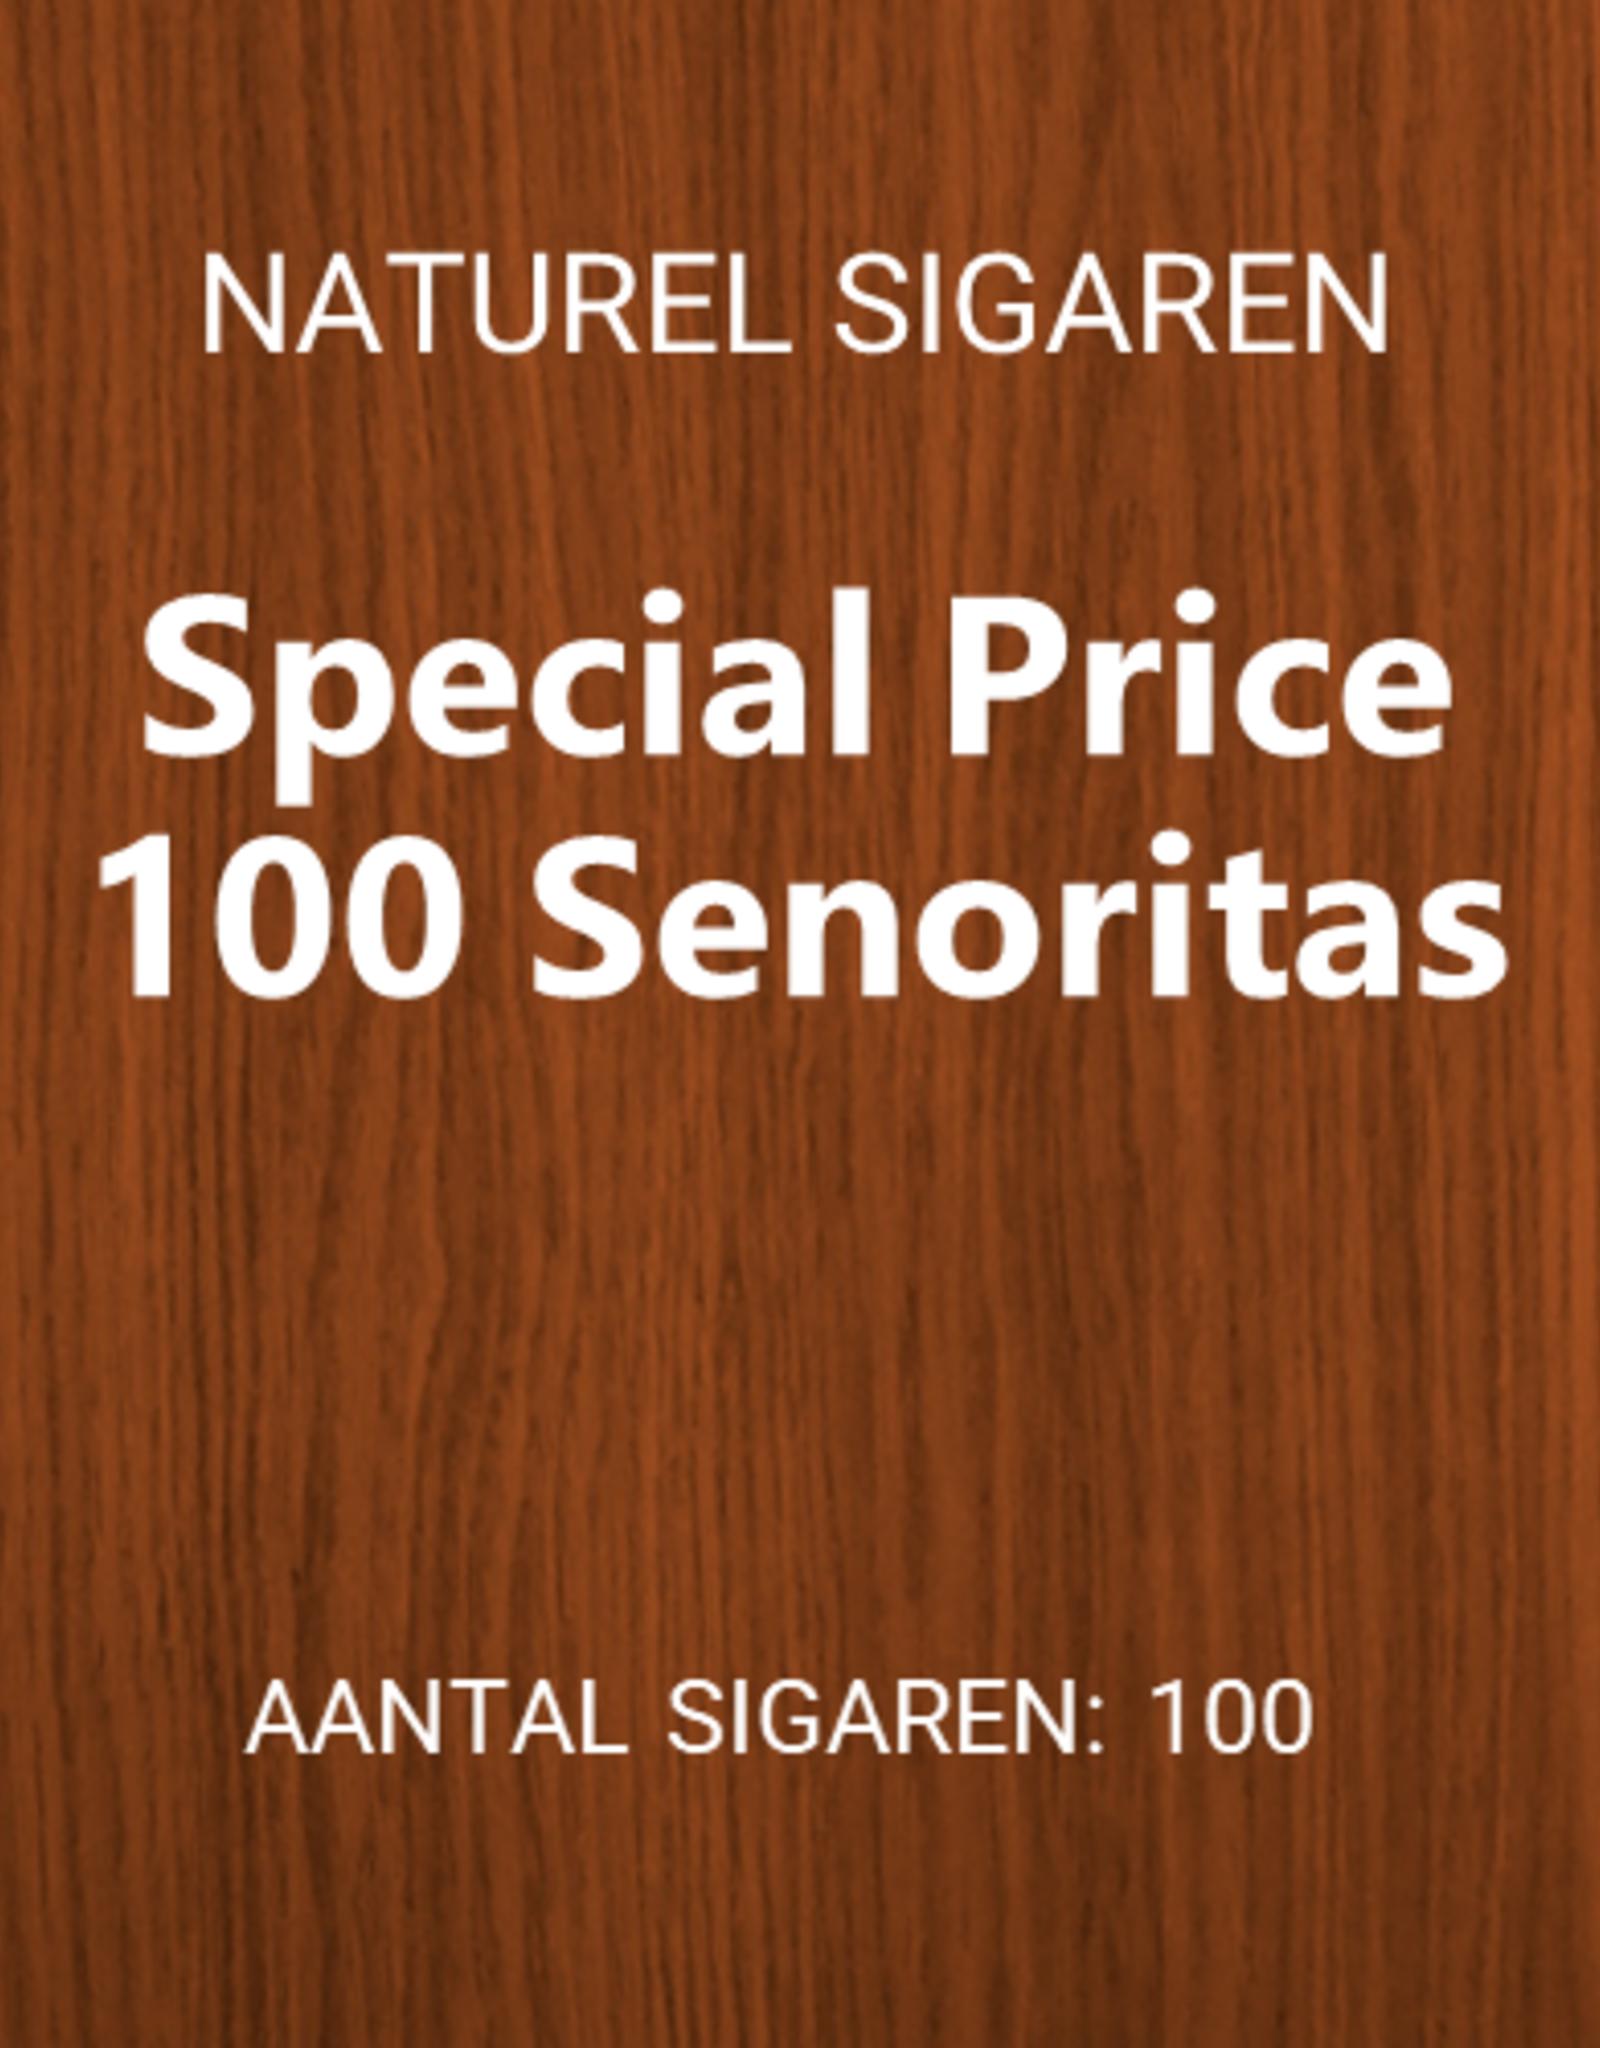 Special Price Special Price 100 Senoritas